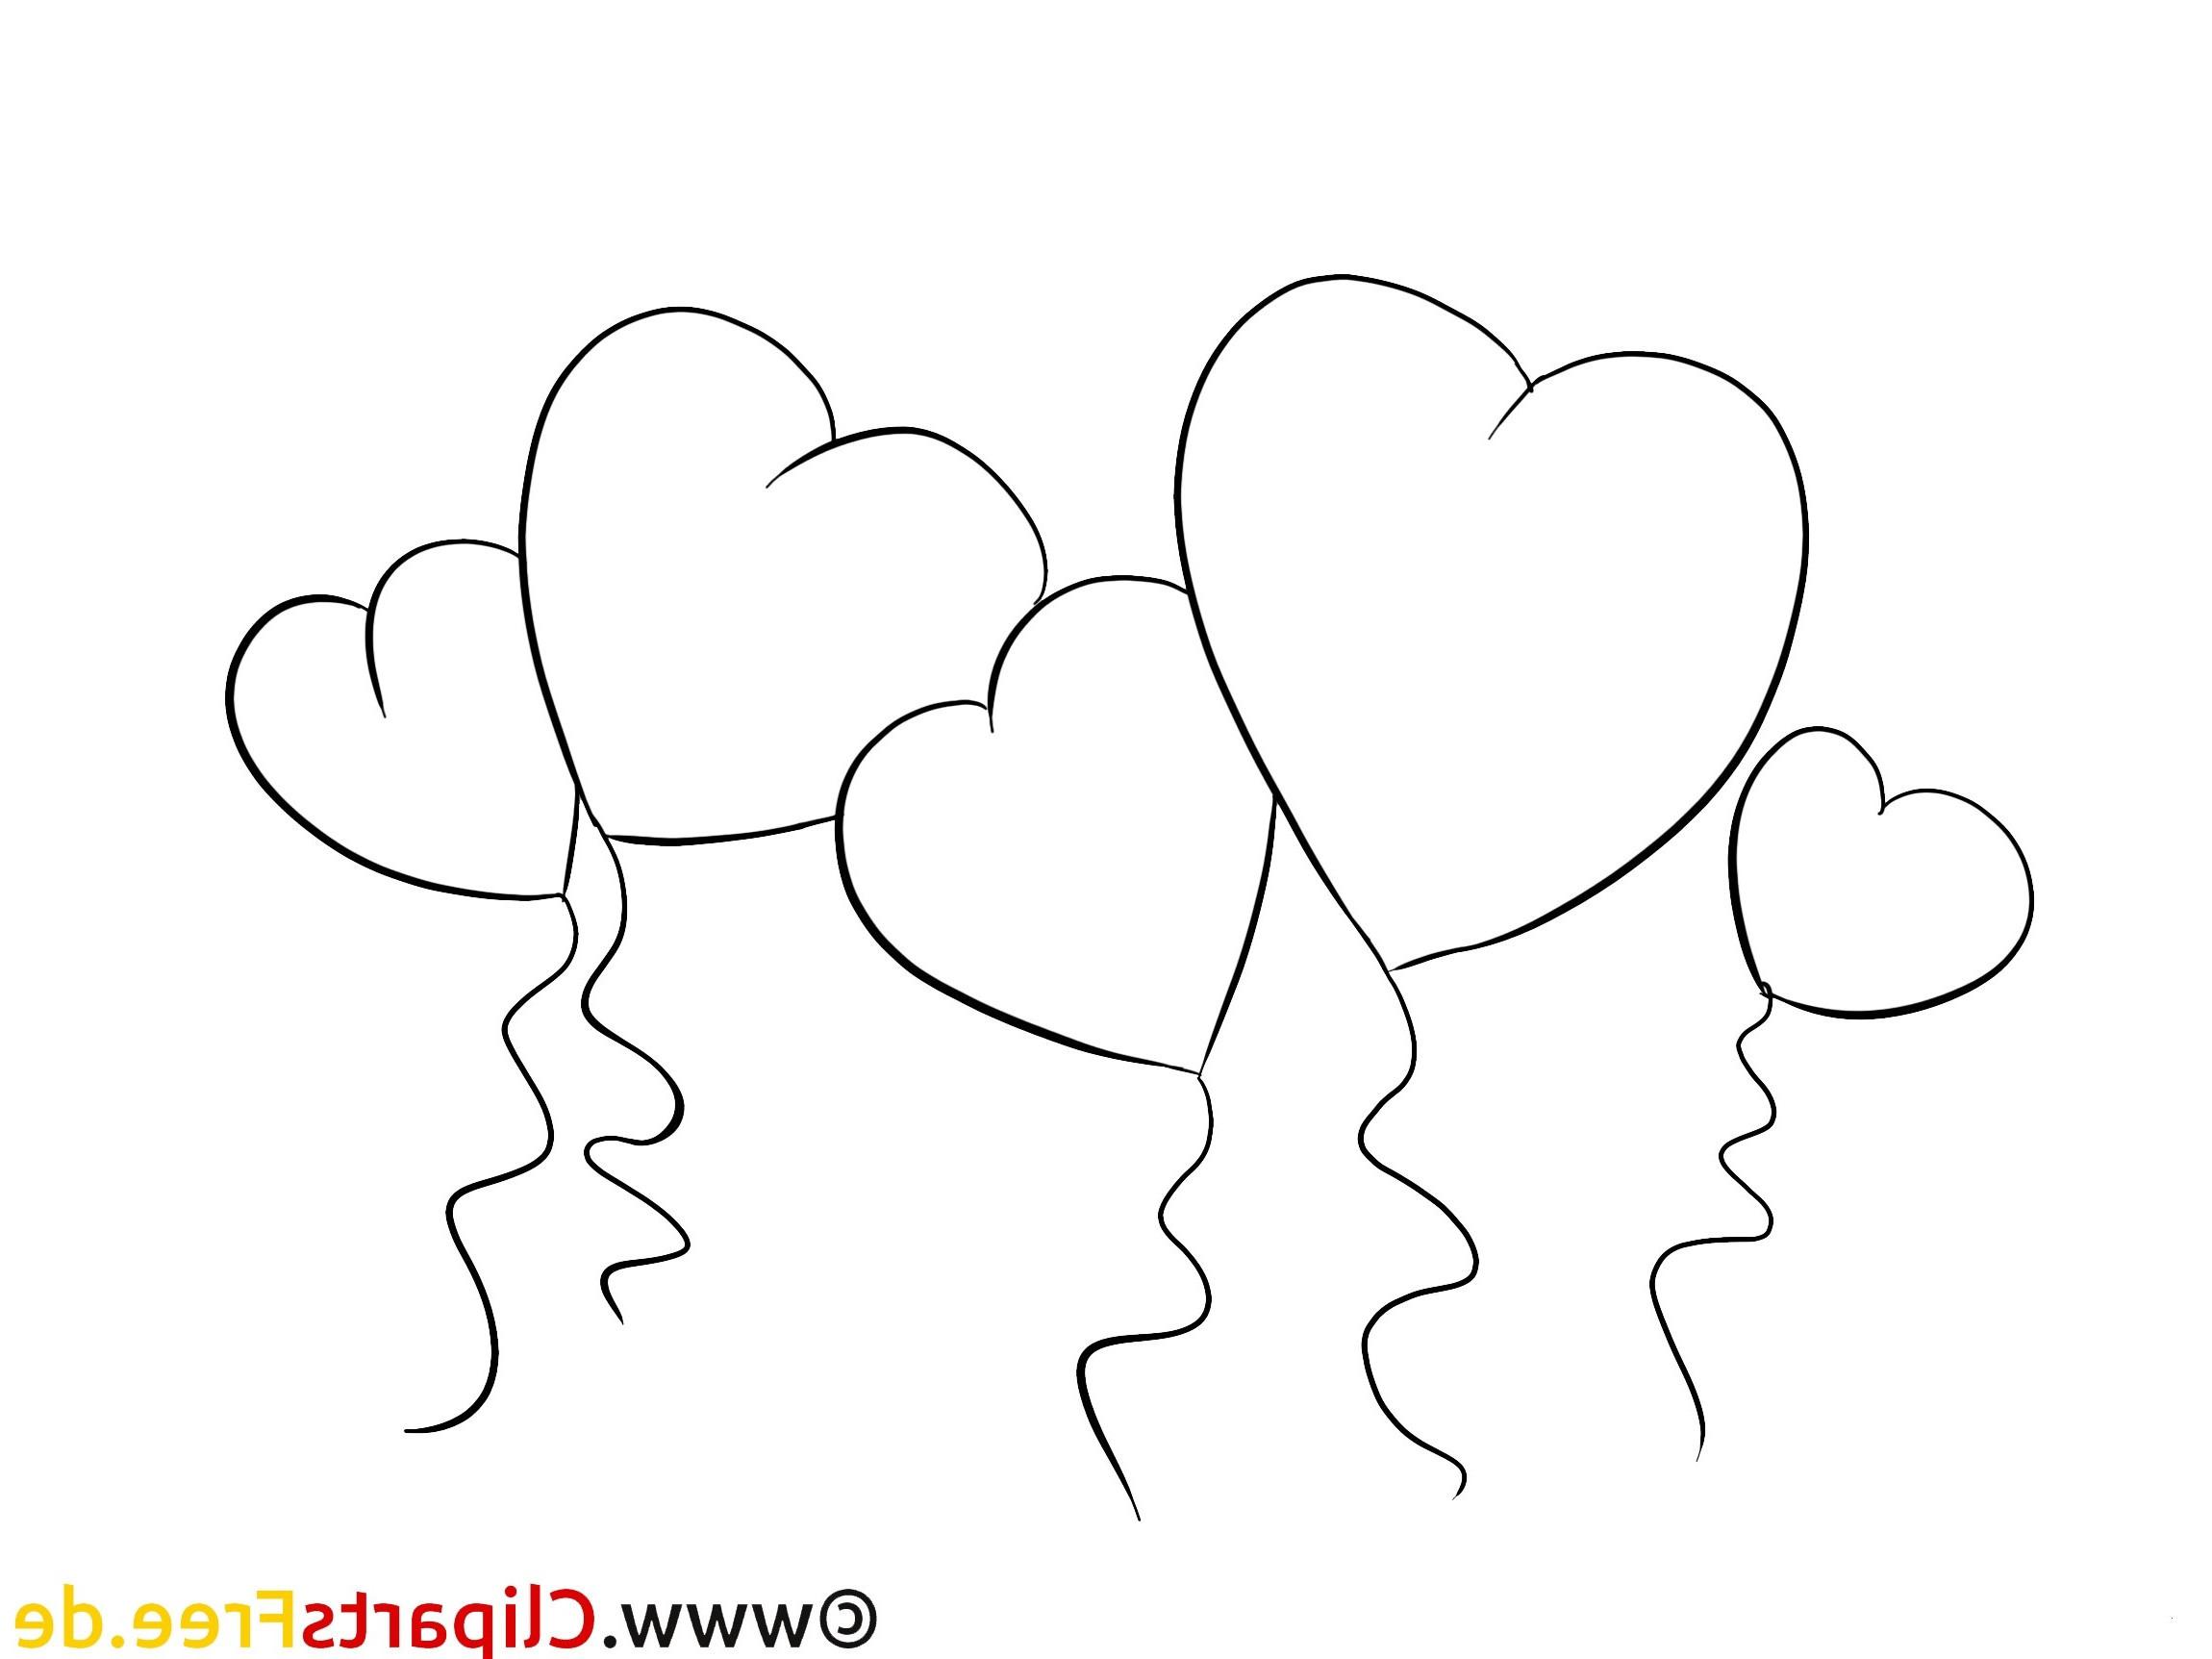 Herz Mandalas Zum Ausmalen Einzigartig 35 Luxus Ausmalbilder Herz – Malvorlagen Ideen Bilder